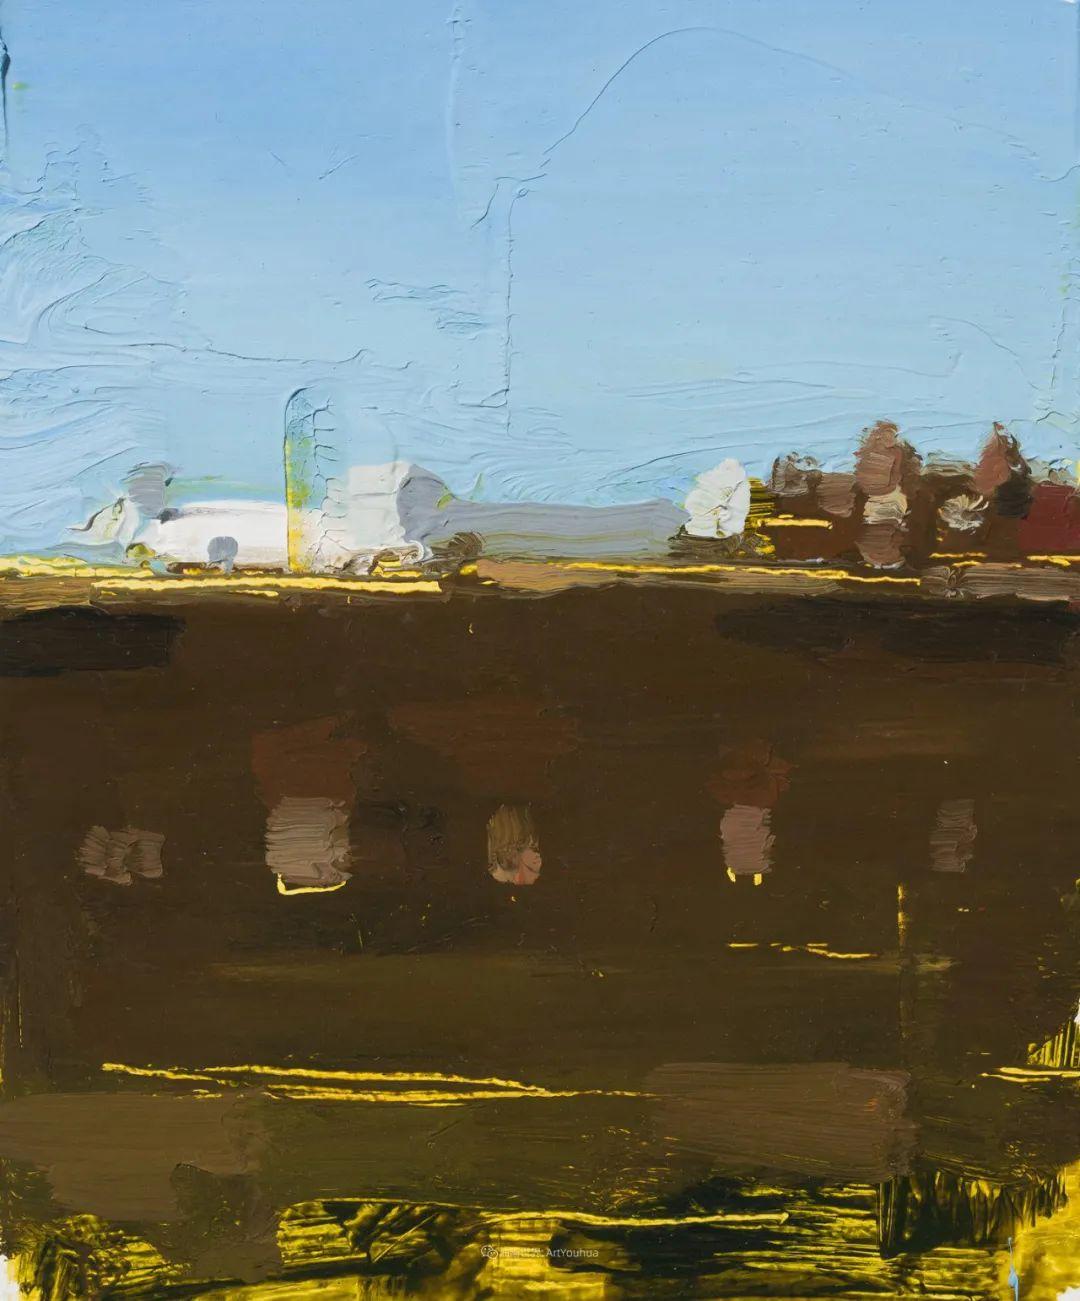 简约宁静 | 波兰画家斯坦利·比伦作品欣赏插图101